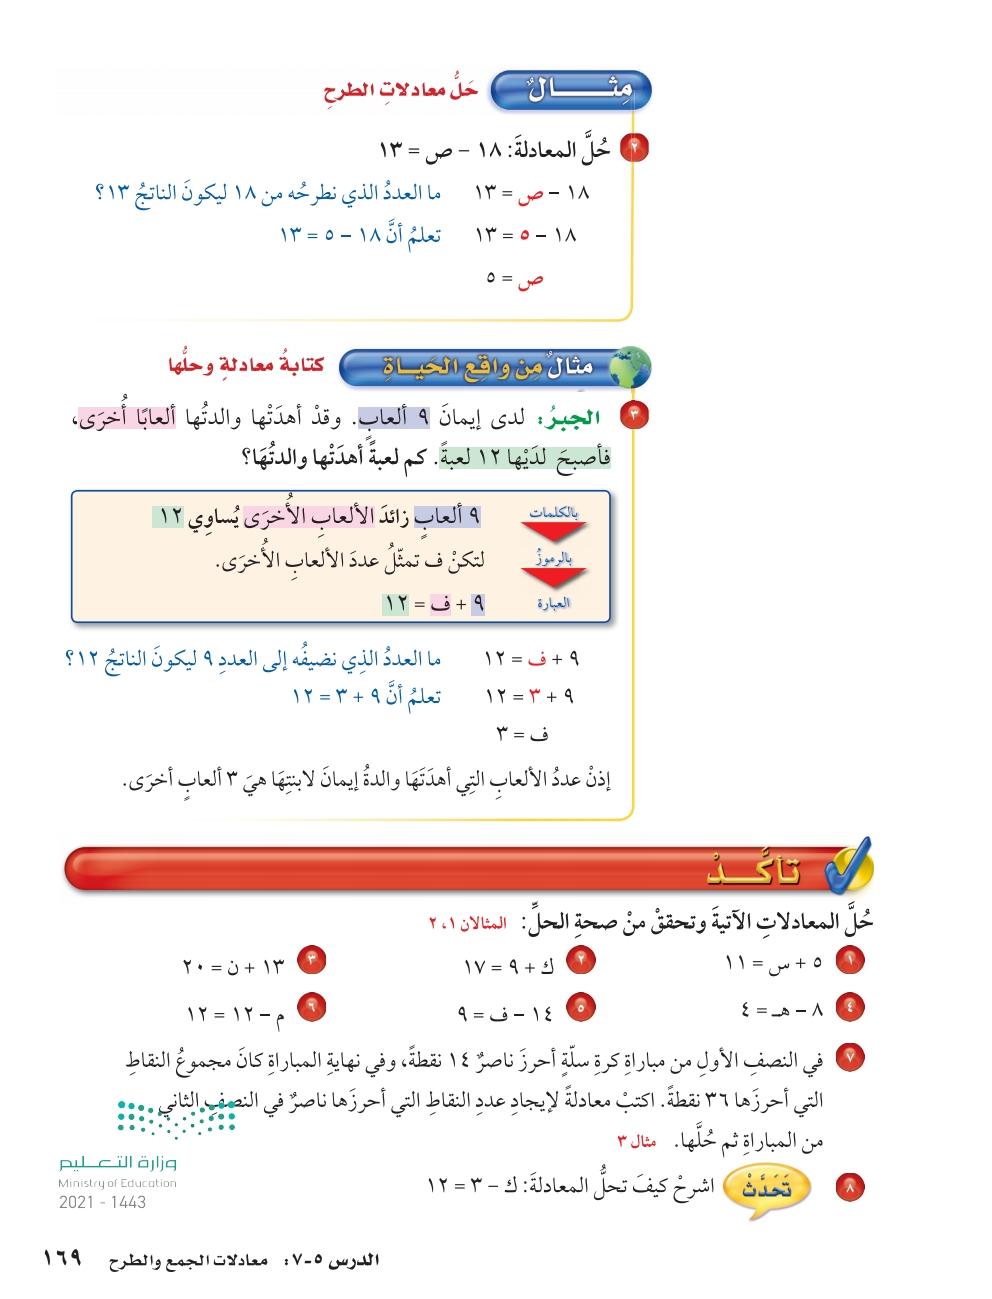 5-7 معادلات الجمع والطرح